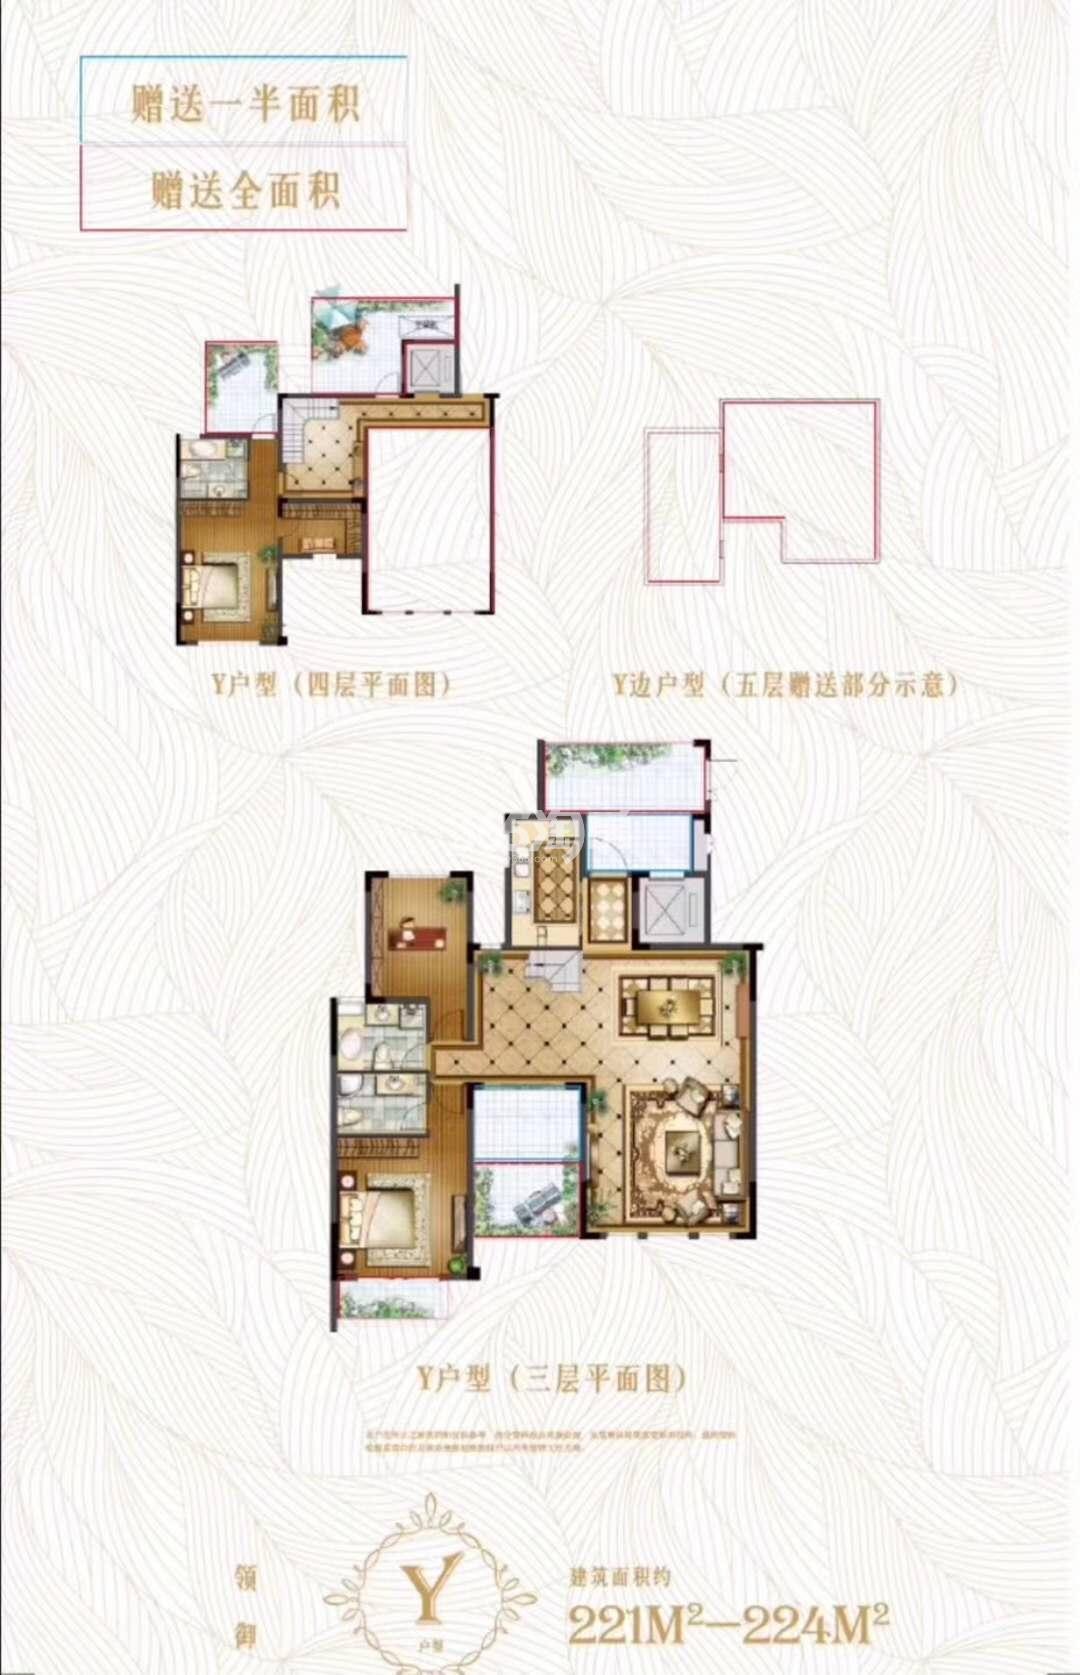 大华锦绣华城别墅Y户型221-224㎡